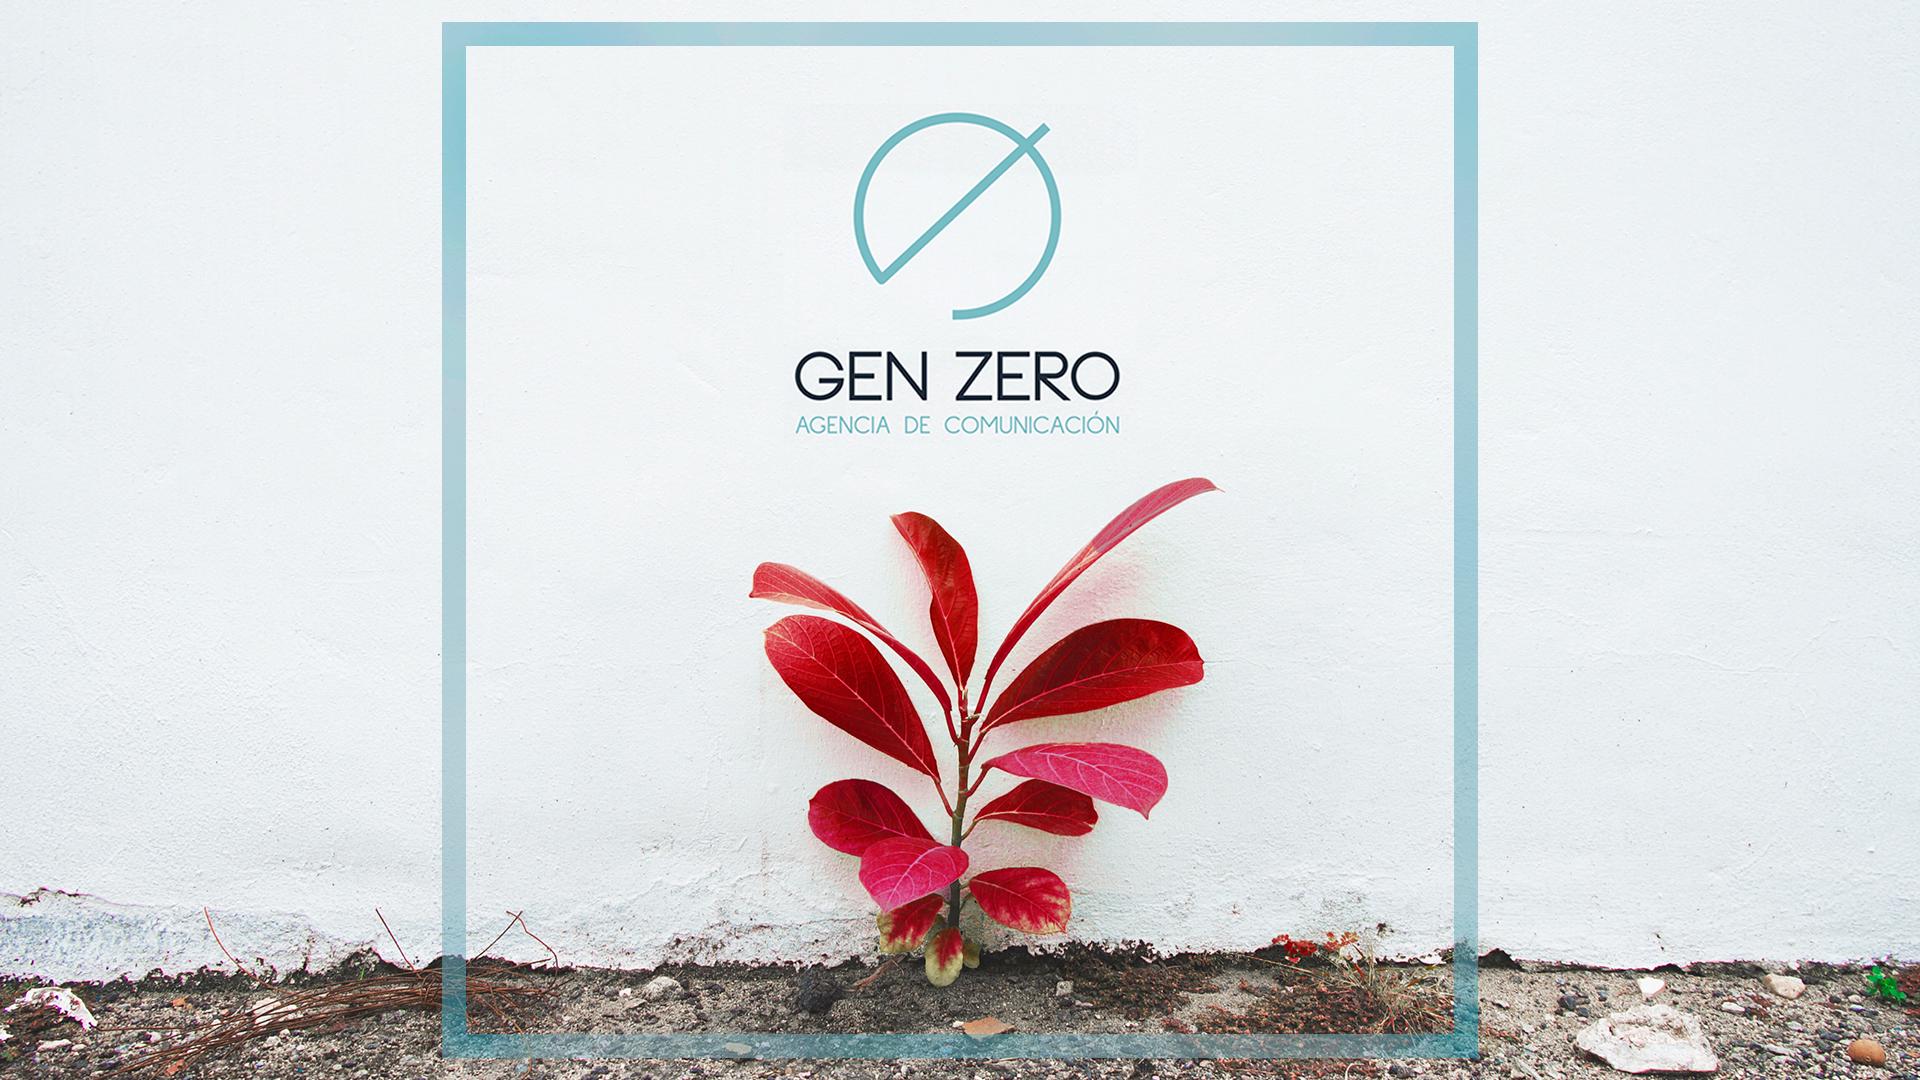 ¡Hola mundo! Somos Gen Zero, una agencia de comunicación joven, fresca y transparente, especializada en la digitalización de pequeñas y medianas empresas.